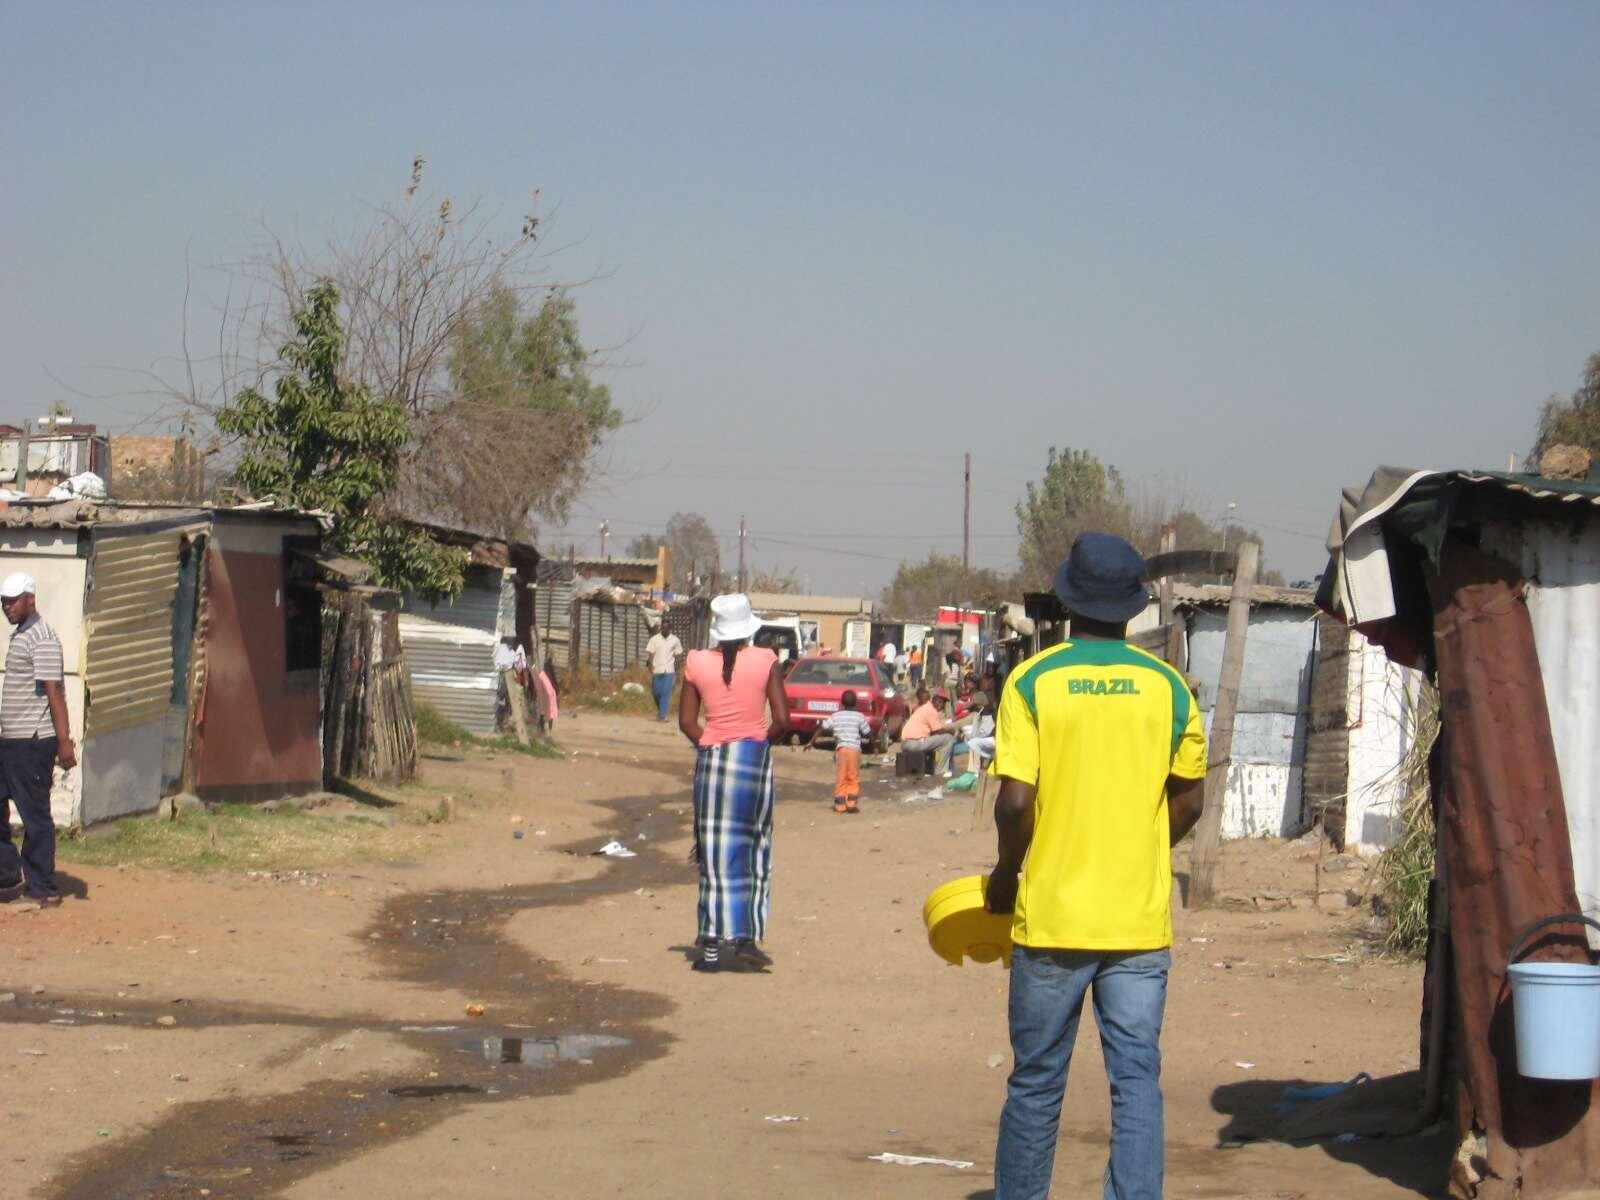 Le bidonville de Diepsloot, à une vingtaine de kilomètres au nord de Johannesburg.